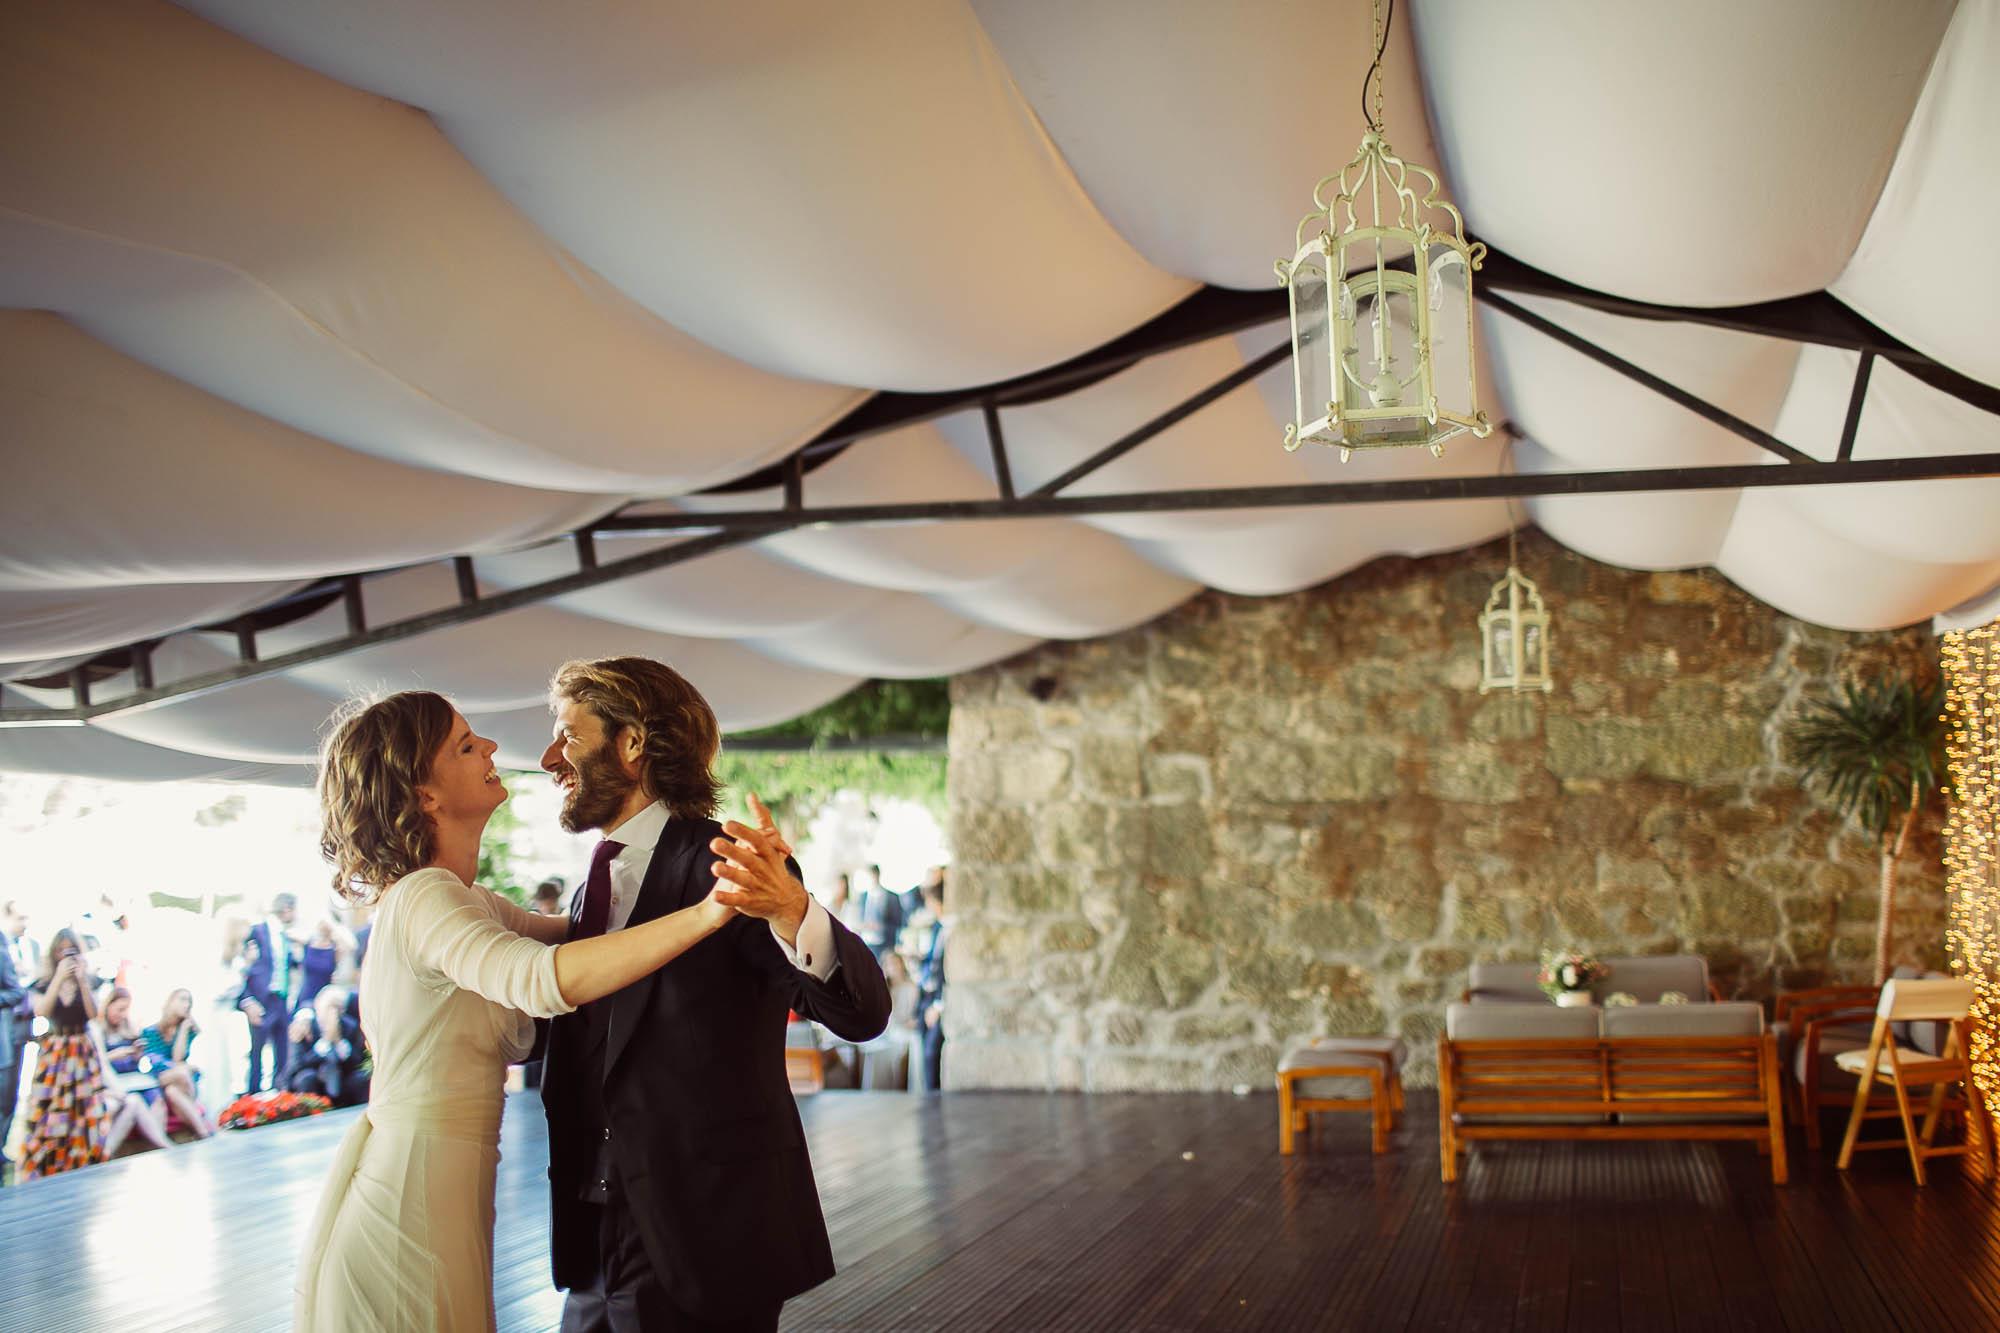 Los novios bailando juntos en el salón de baile mientras los invitados los observan y les sacan fotografías